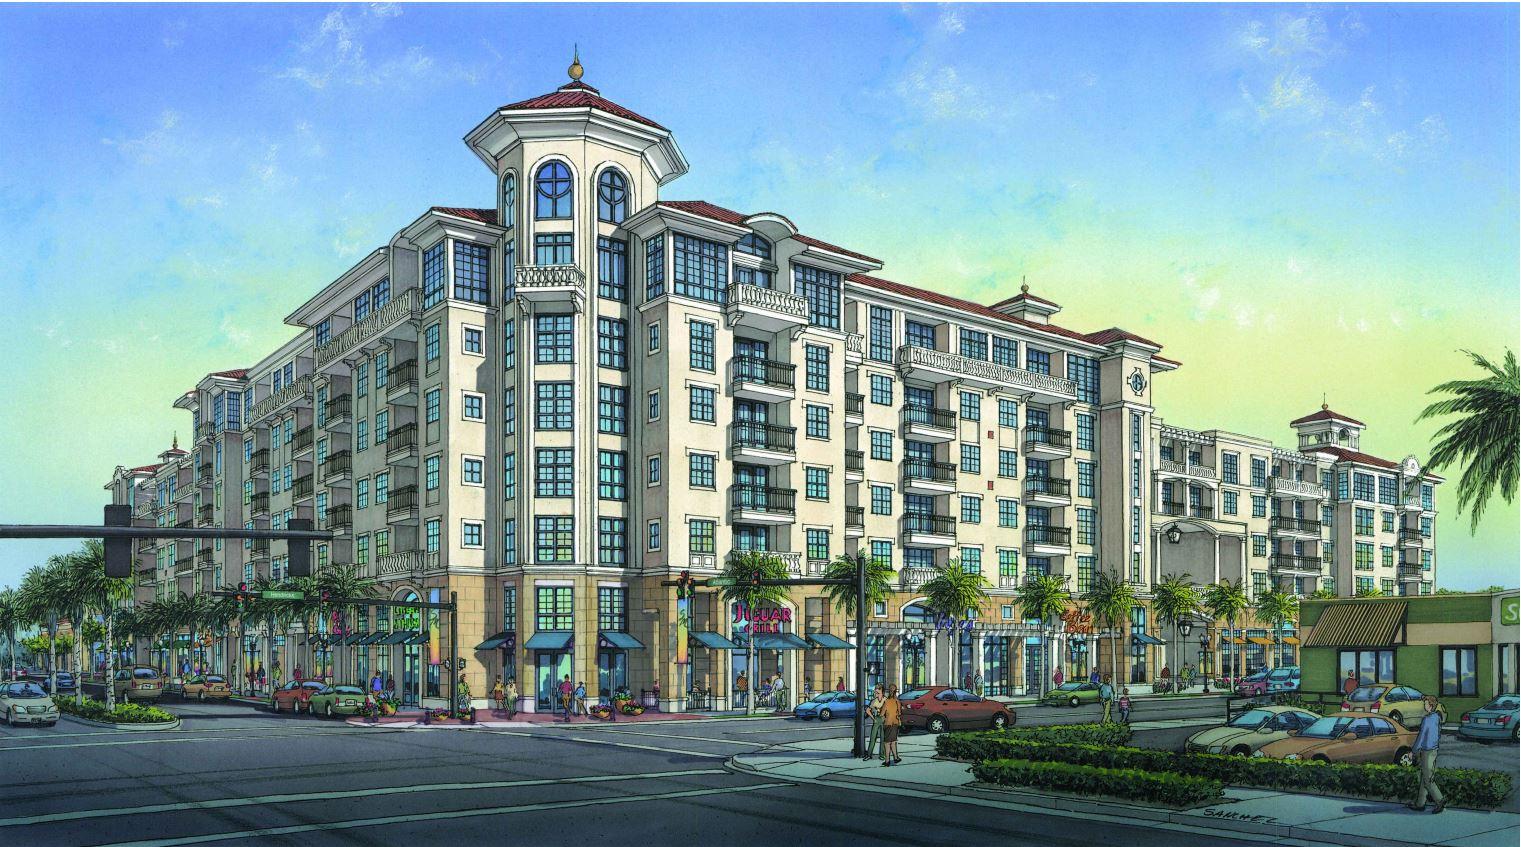 Regency Centers Announces Residential Partner for East San Marco in Jacksonville Florida